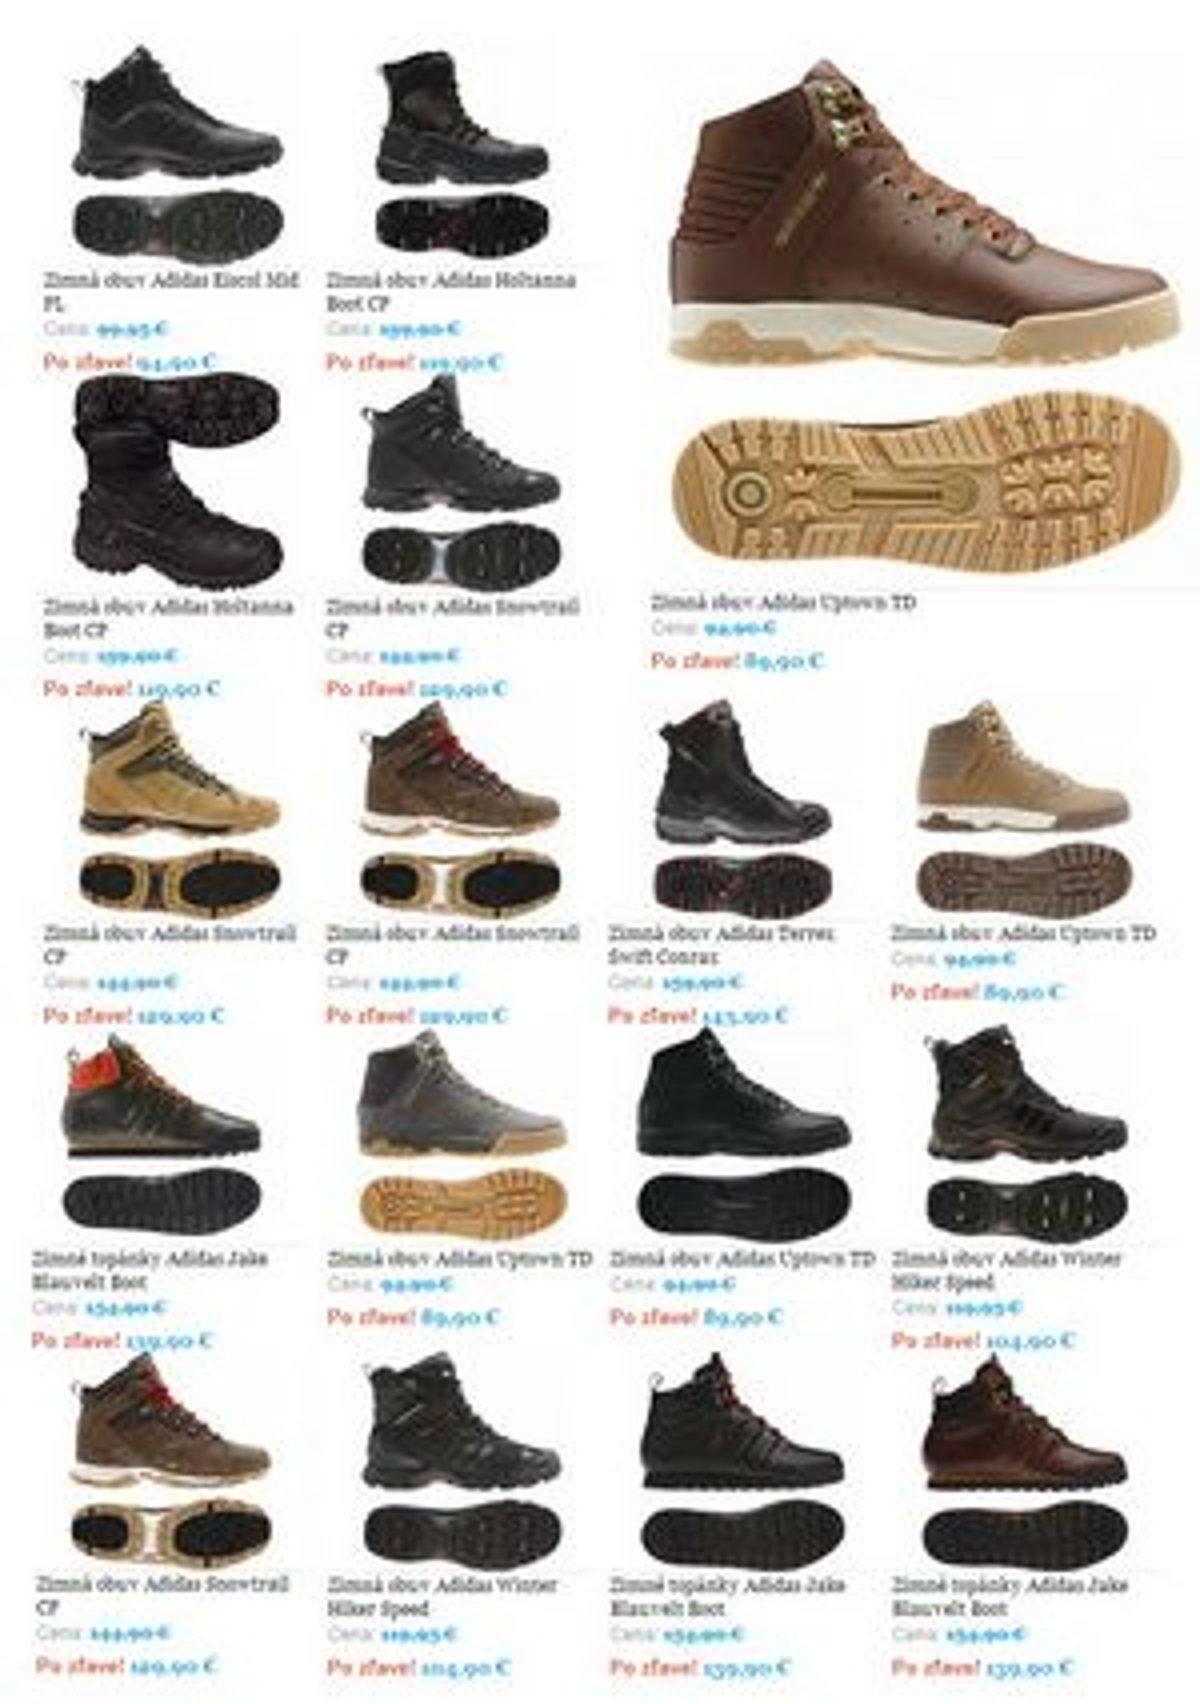 Zimná obuv Adidas – nové modely so zľavami - tlacovespravy.sme.sk b2231a9fcb2